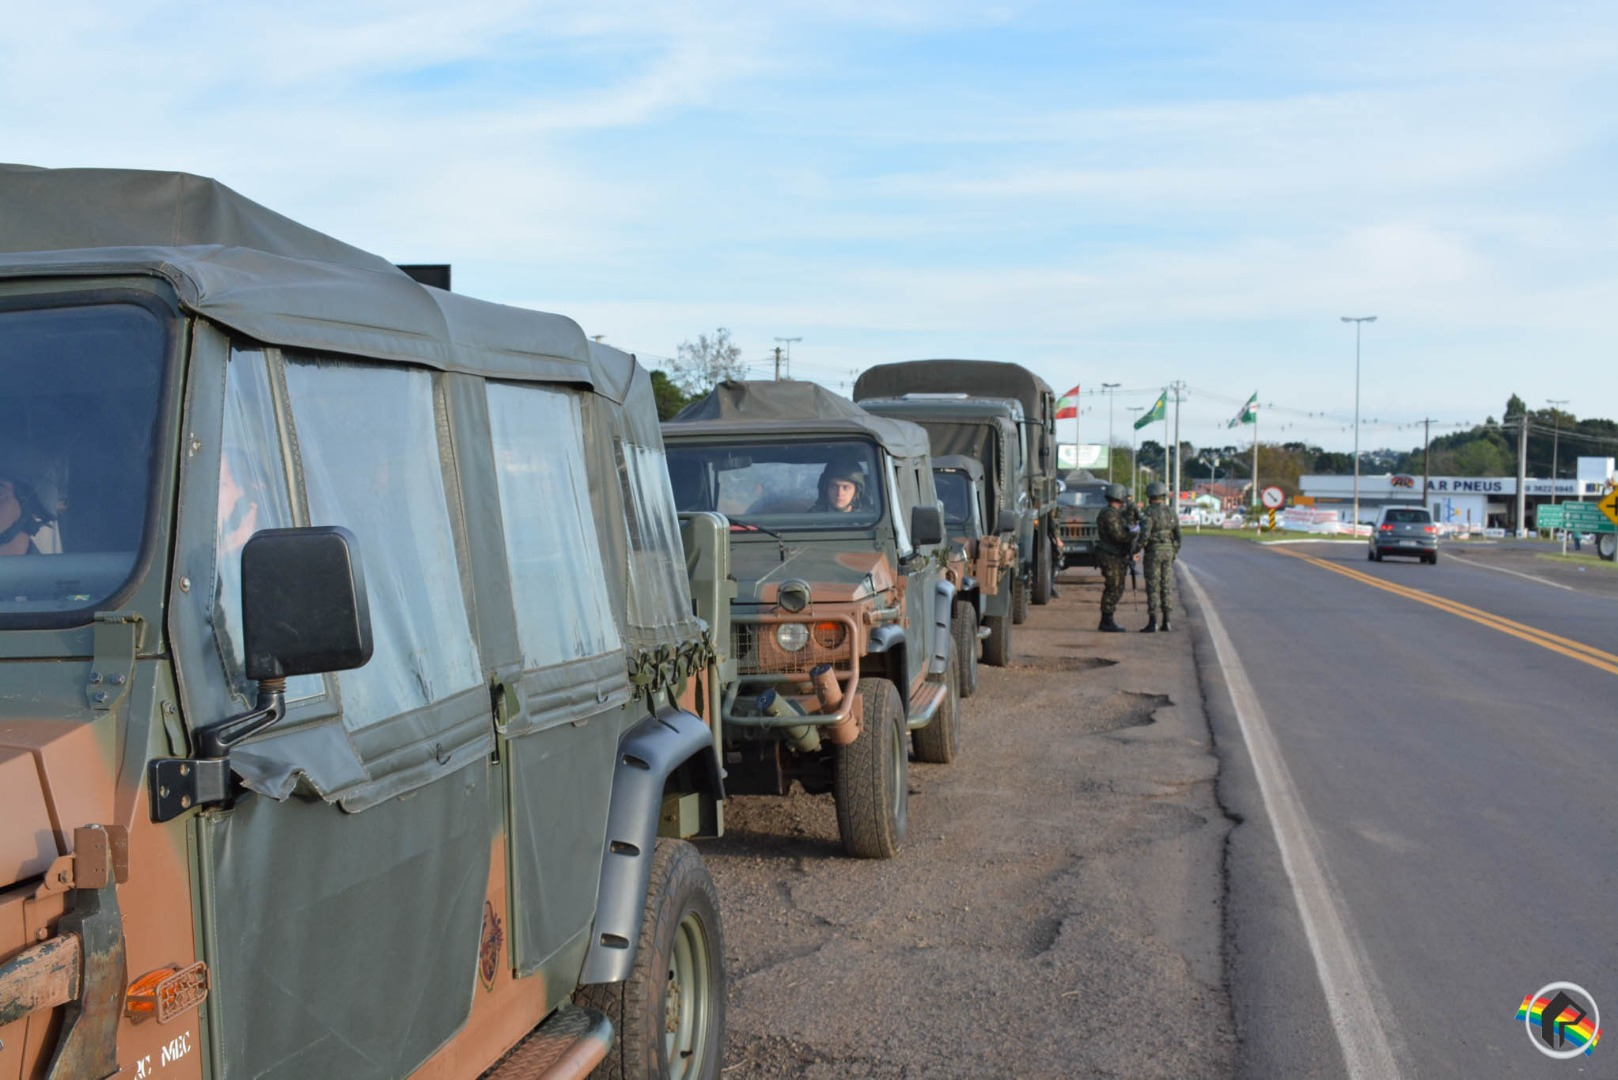 Exército escolta comboio com 150 caminhões do Oeste rumo aos portos